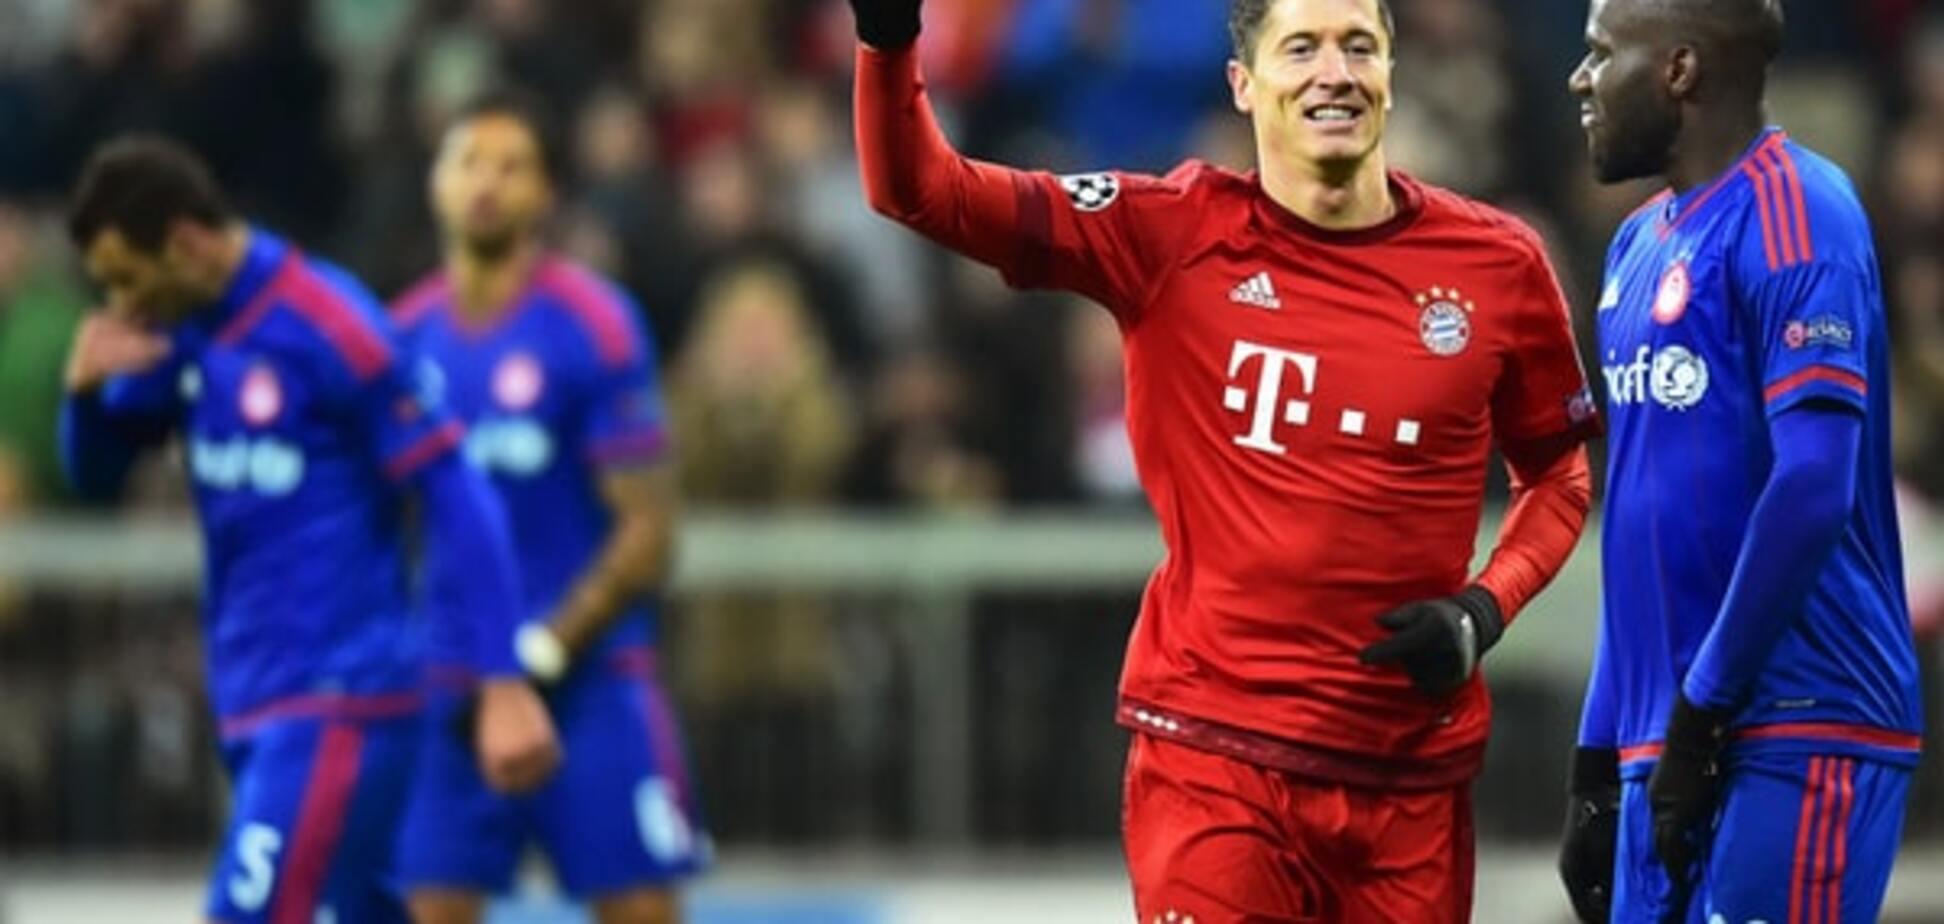 Один із найкращих футболістів світу знявся у зворушливій рекламі: яскраве відео